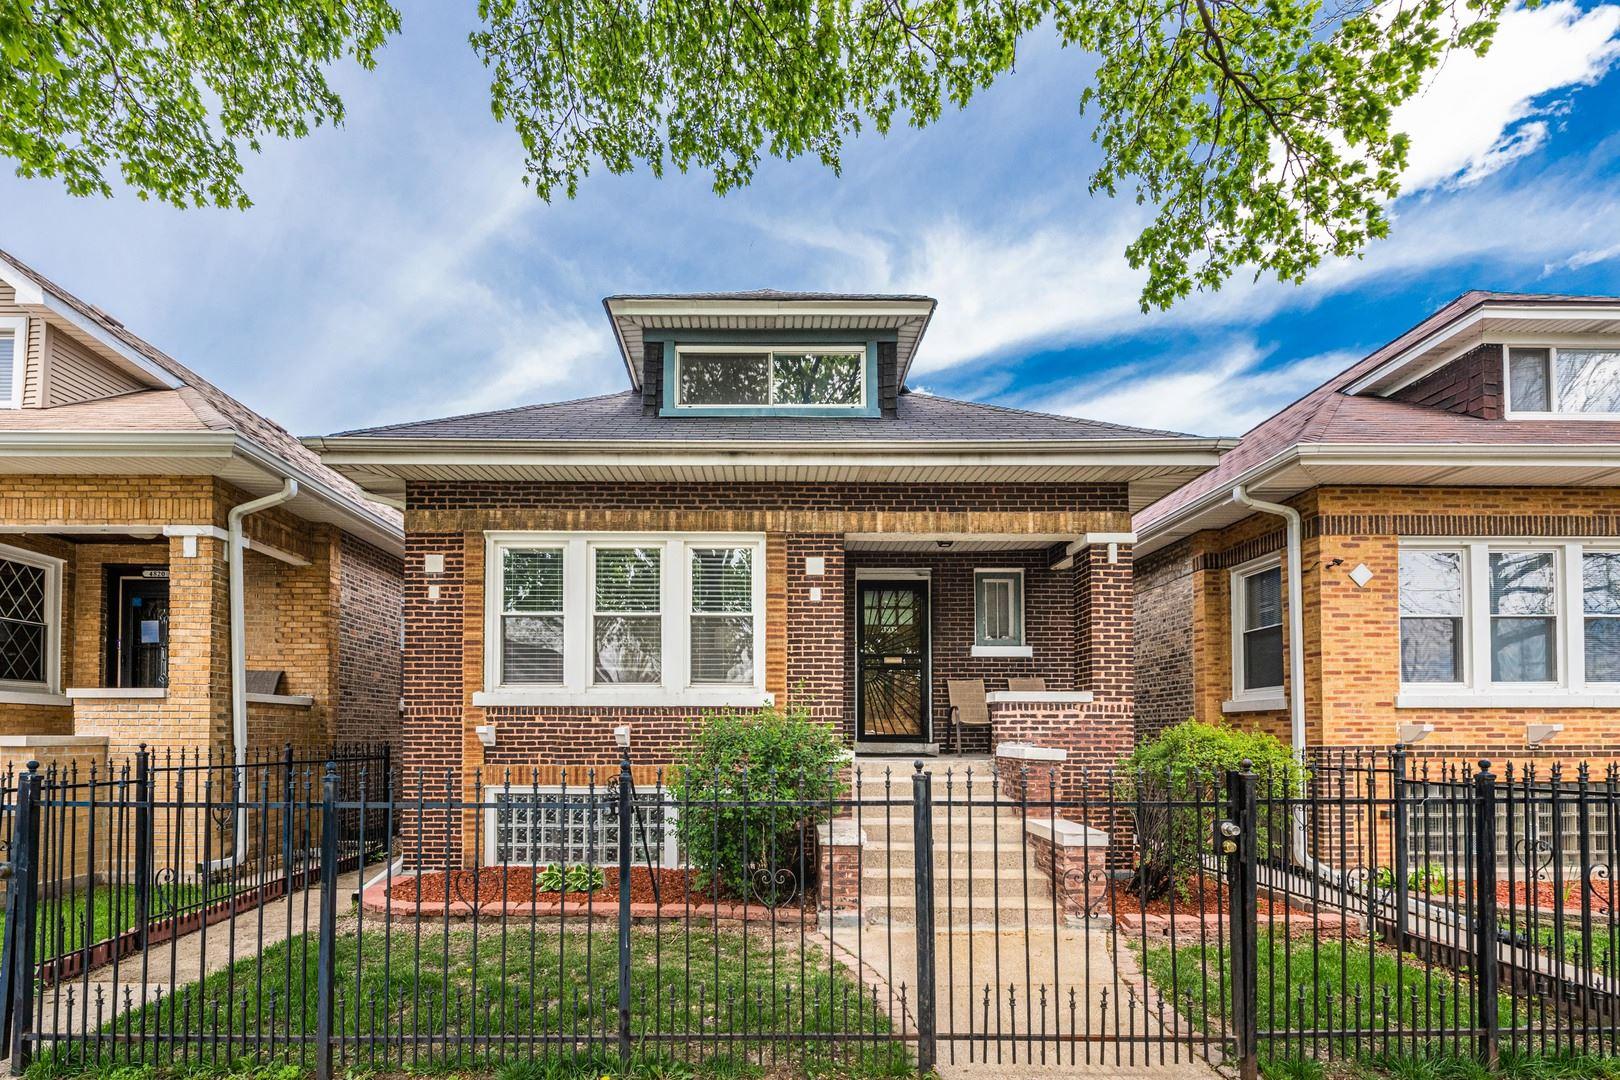 4818 W Concord Place, Chicago, IL 60639 - #: 10700127